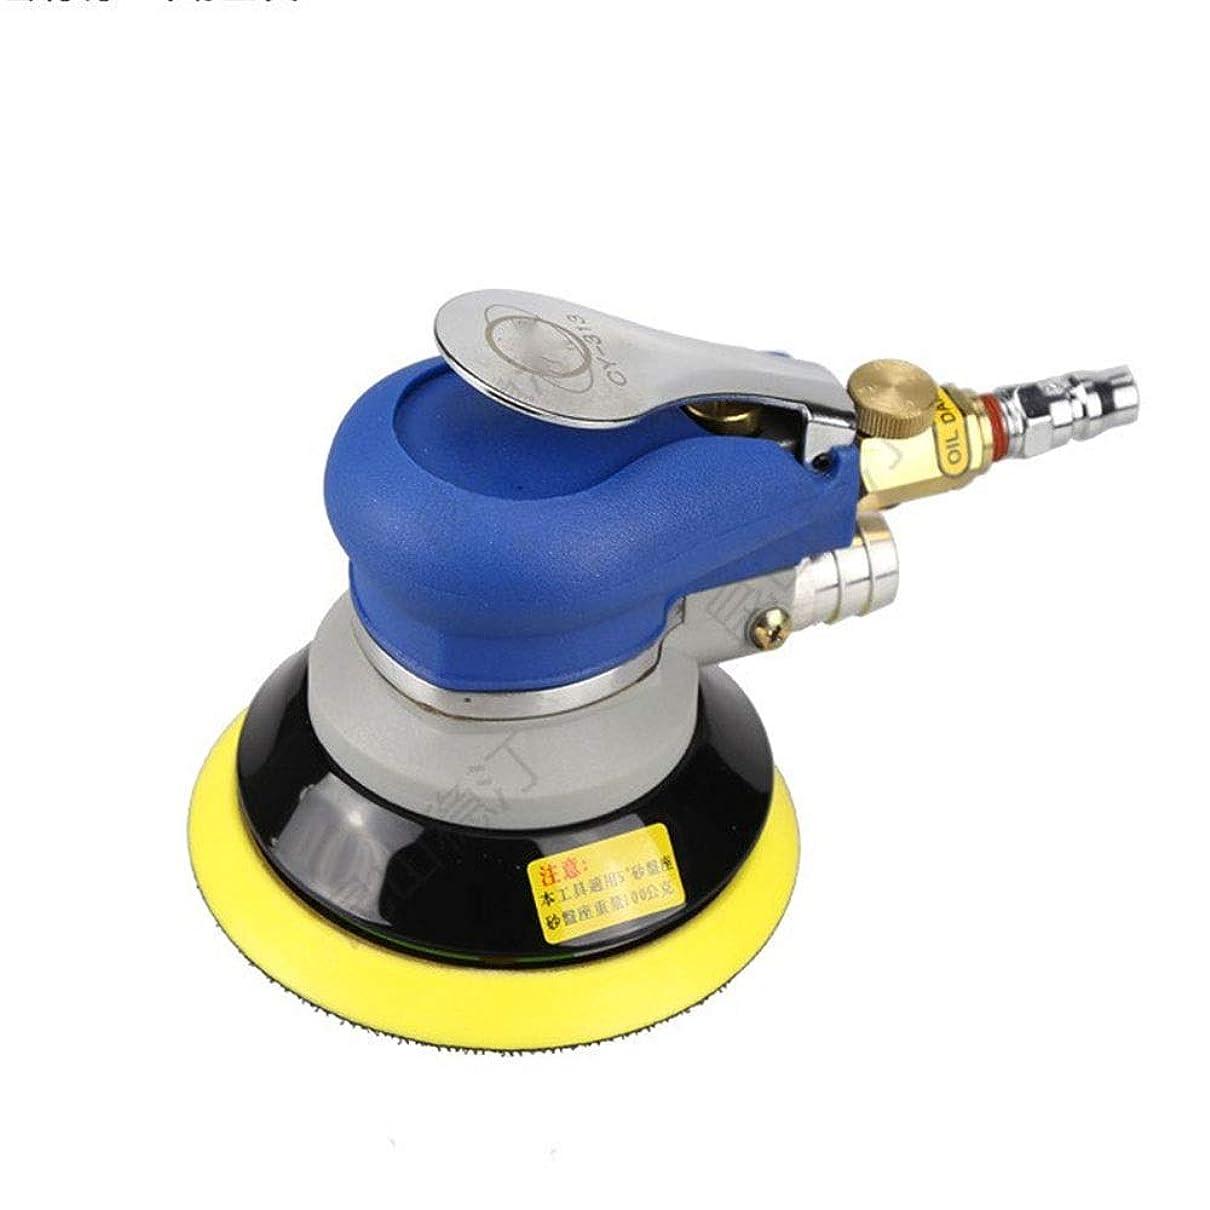 大量明快スイZ-LIANG サンドペーパー ポータブルPRACTICA空気圧空気圧グラインダー、揺らすエキセントリックシャフトデザイン5インチの空気圧サンドペーパーマシンハンドツール工業 回転 工具 研磨ホイール 研磨ツール